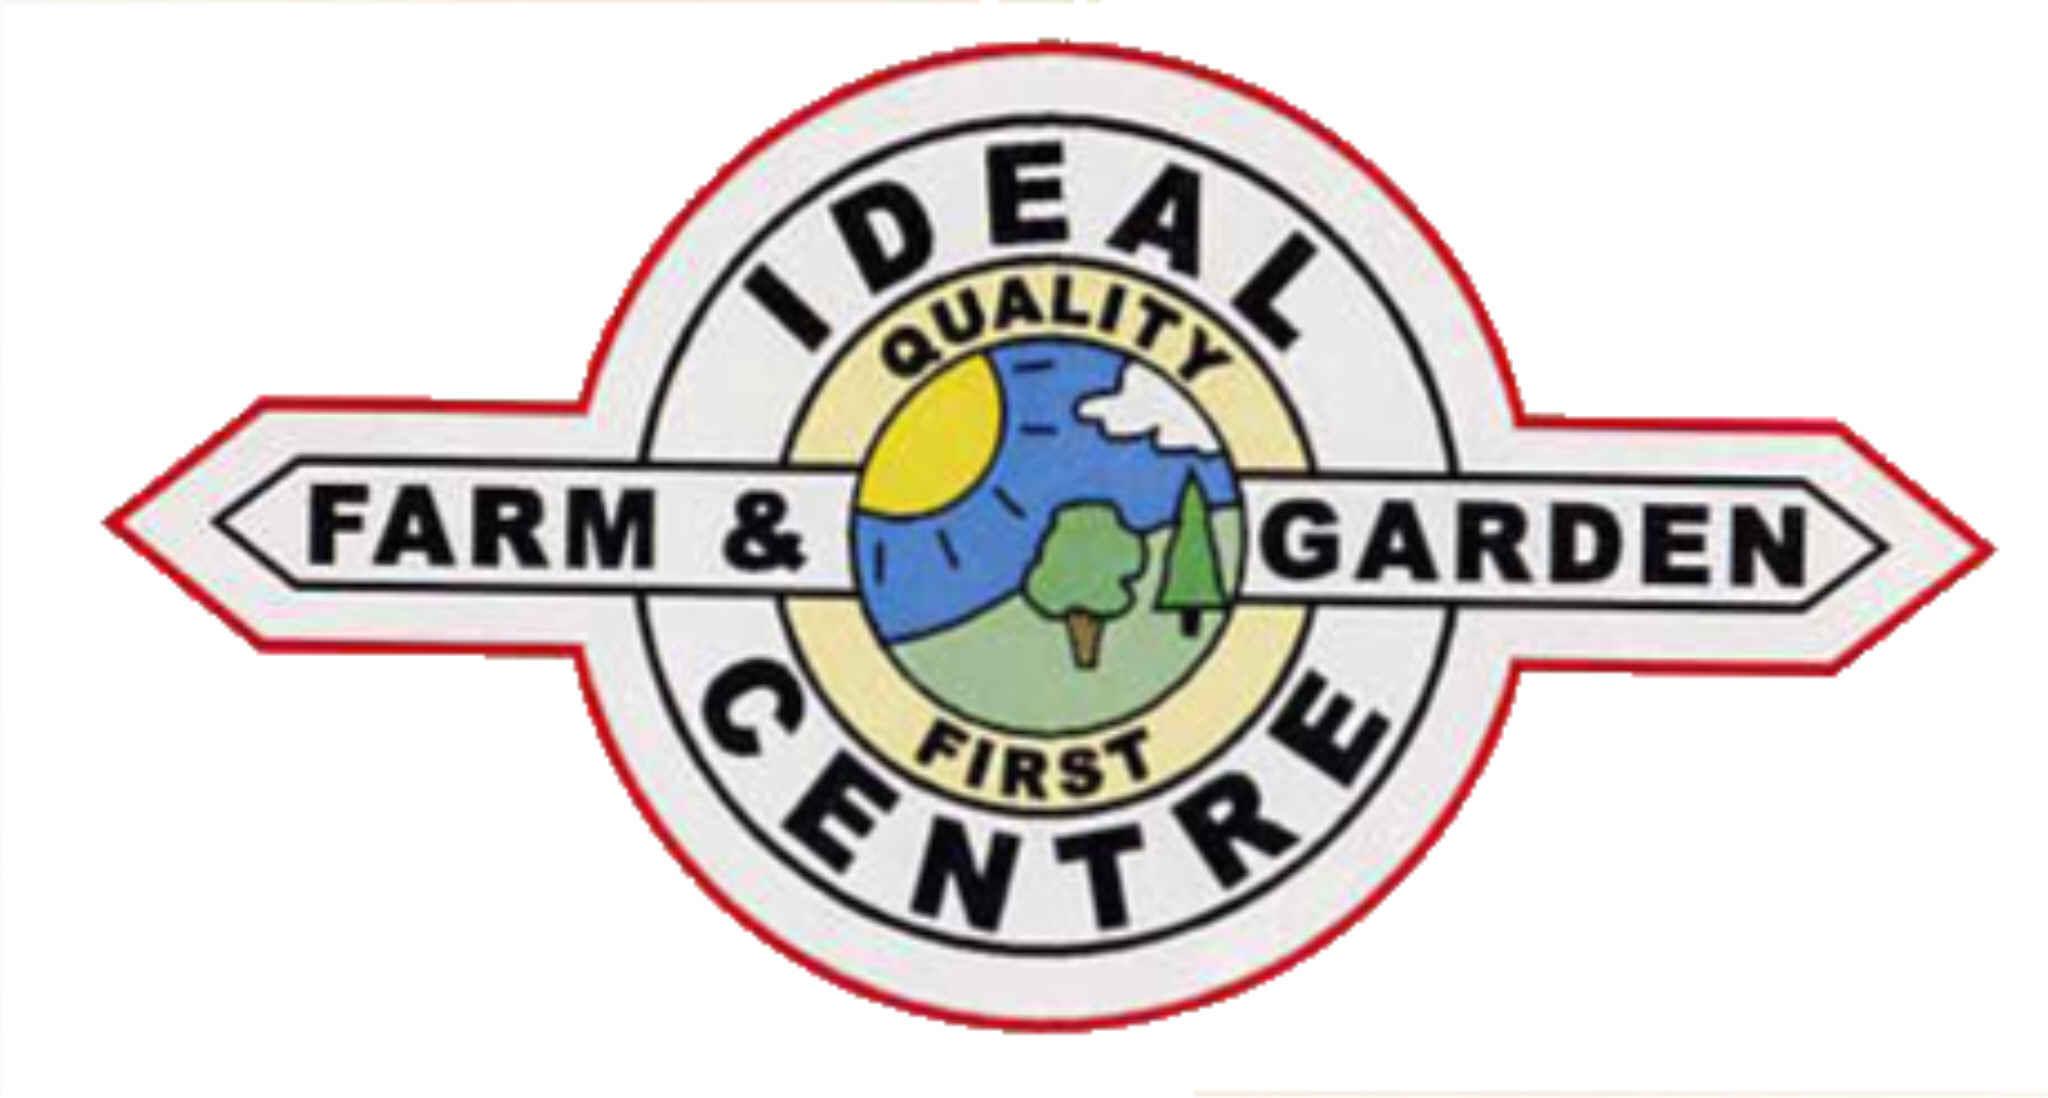 Ideal Farm & Garden